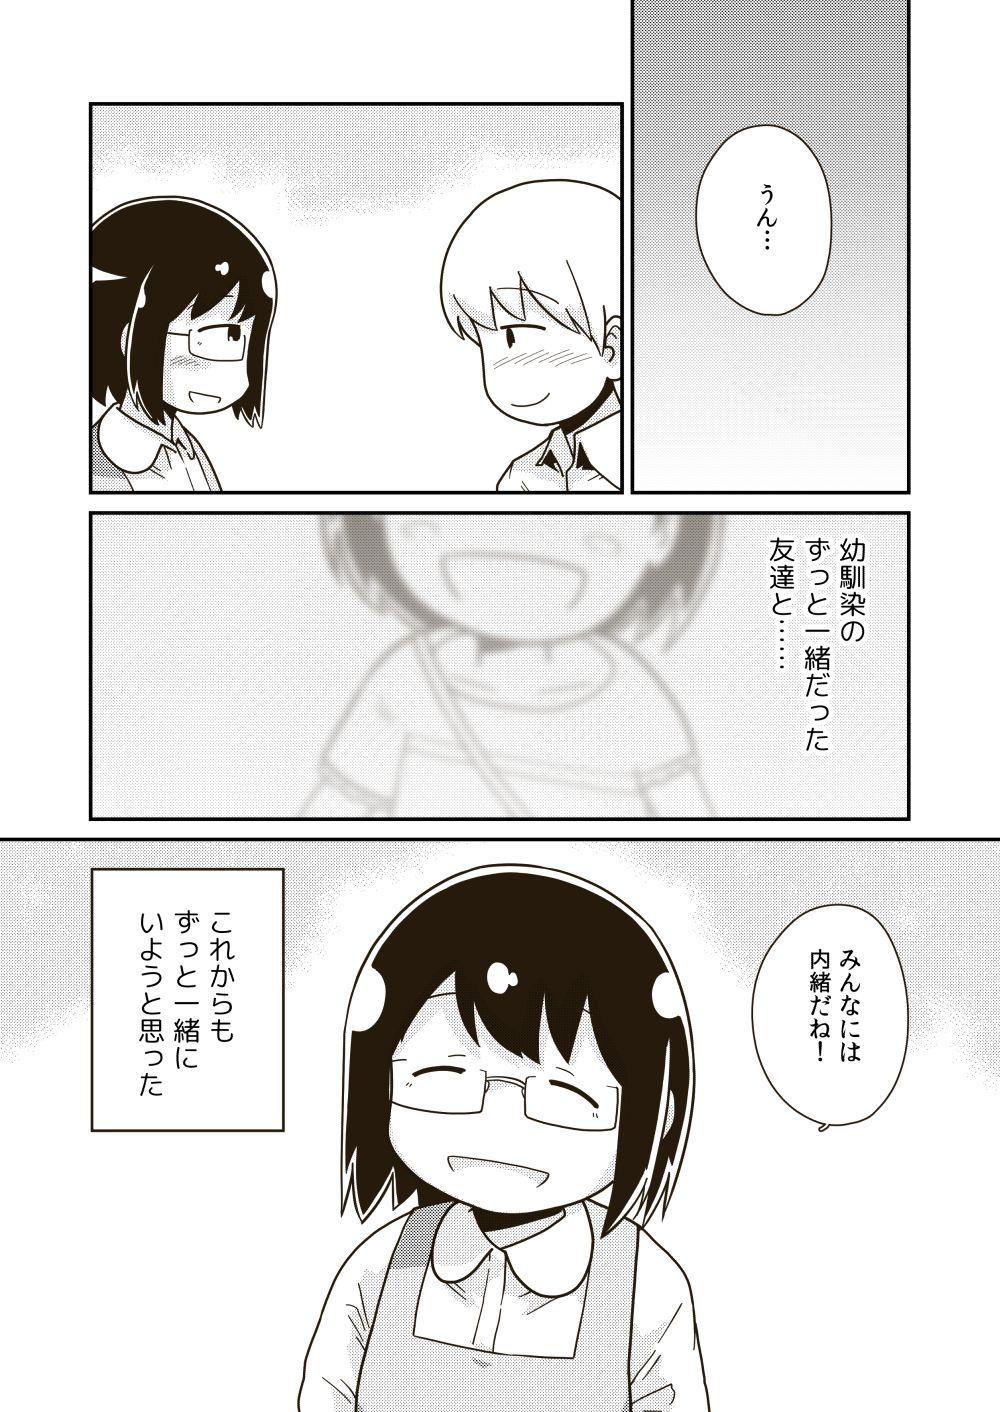 Futari no Hajimete 23